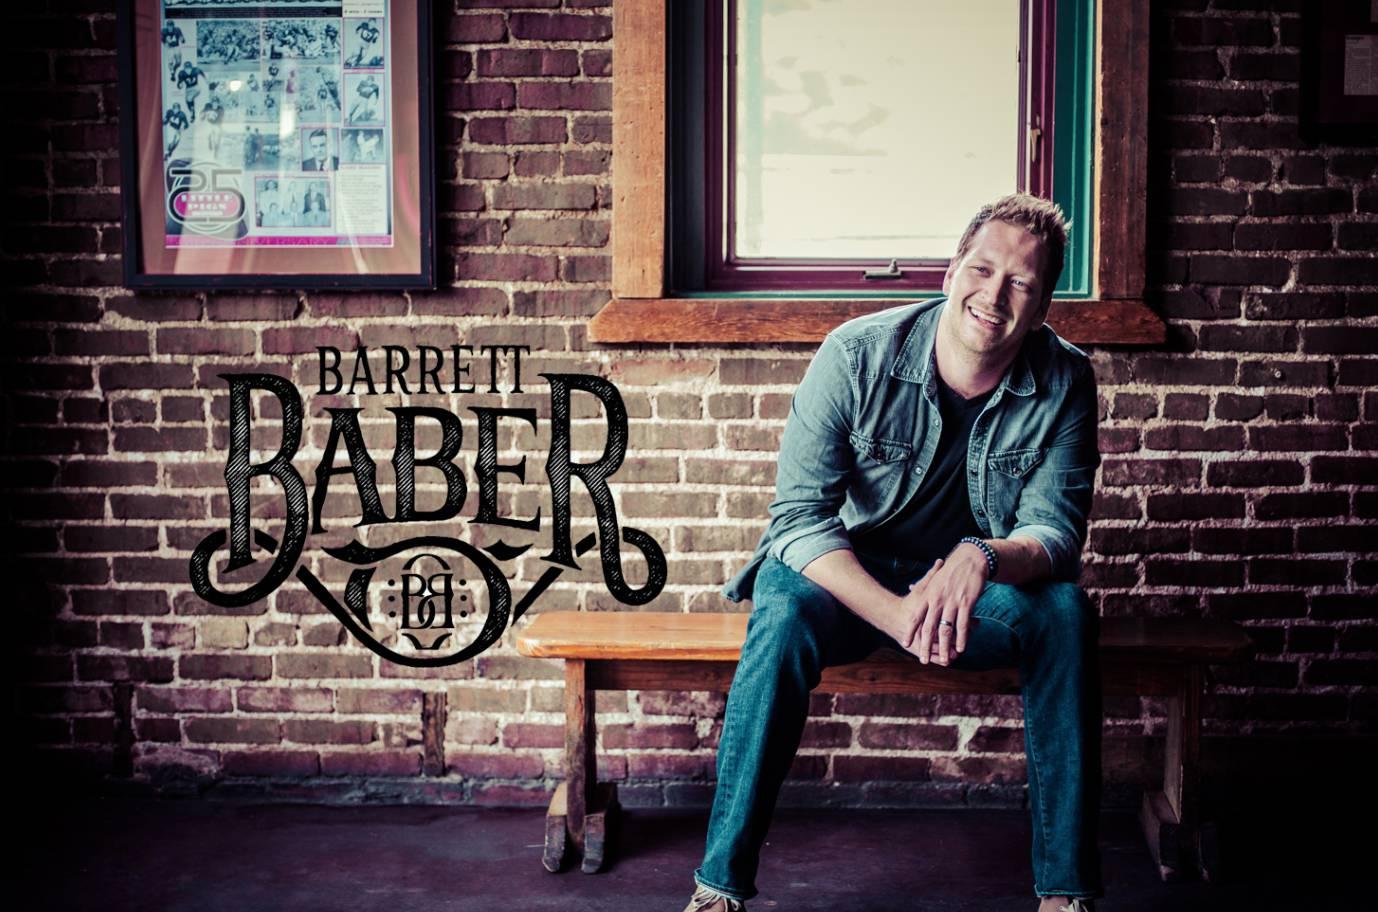 Hitmaker Series w/ Barrett Baber